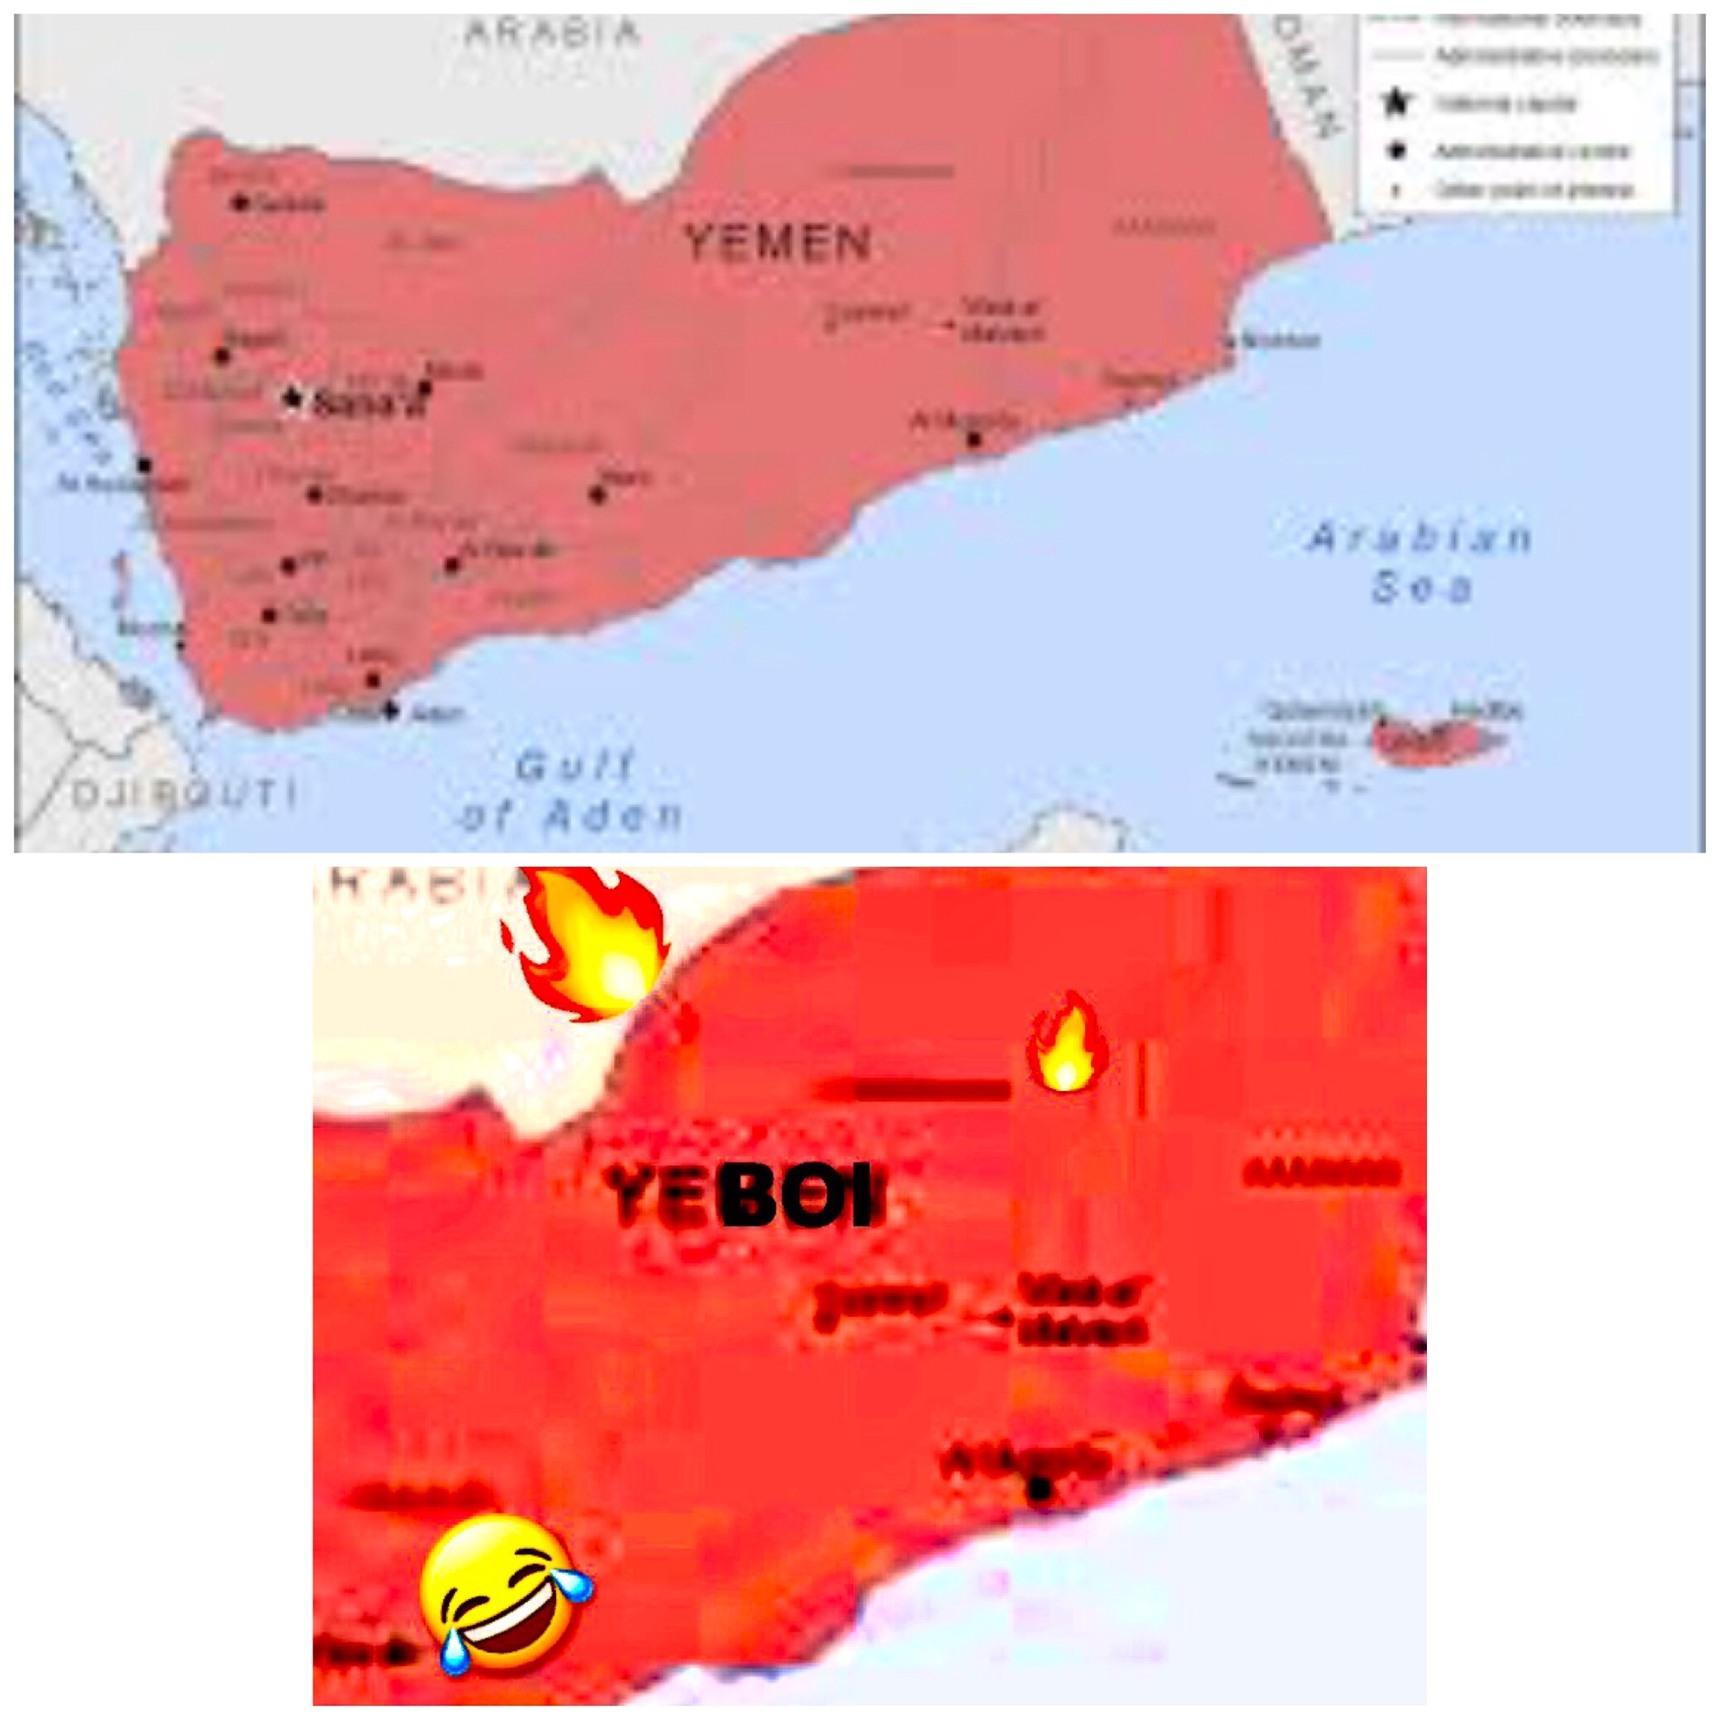 yeboi - meme